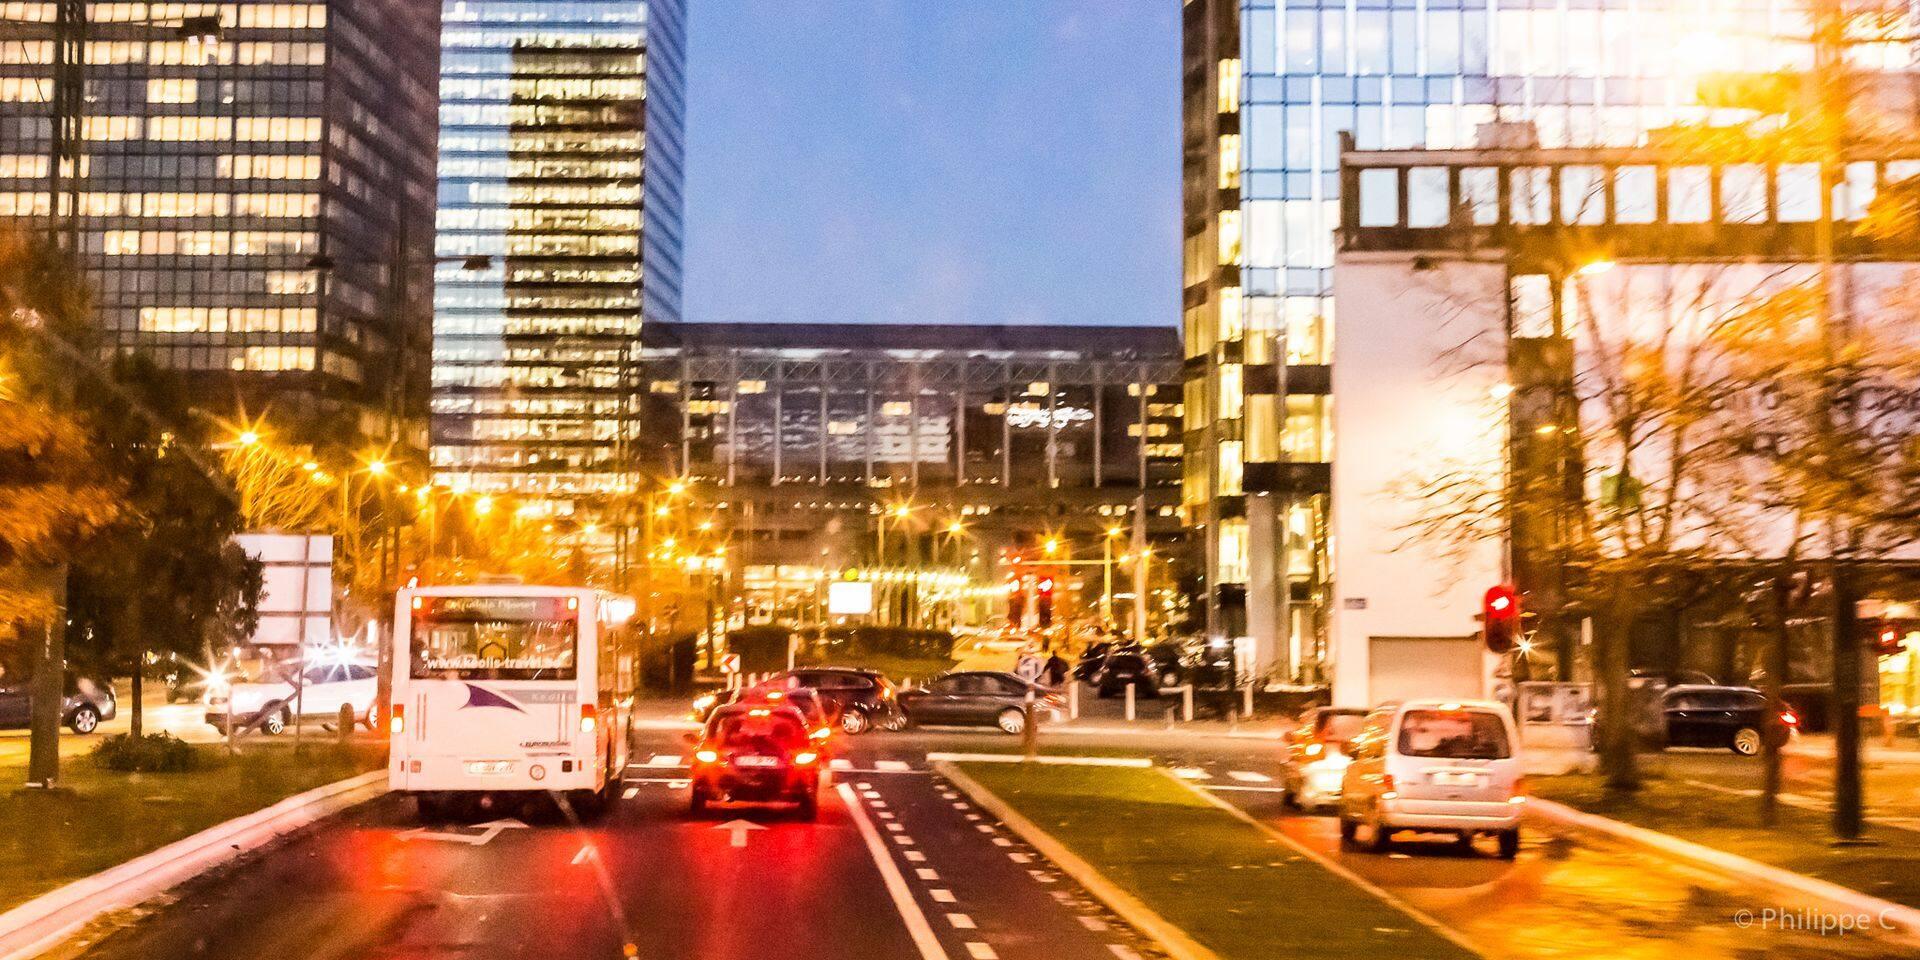 Semaine de la mobilité : Touring fustige la politique de circulation bruxelloise